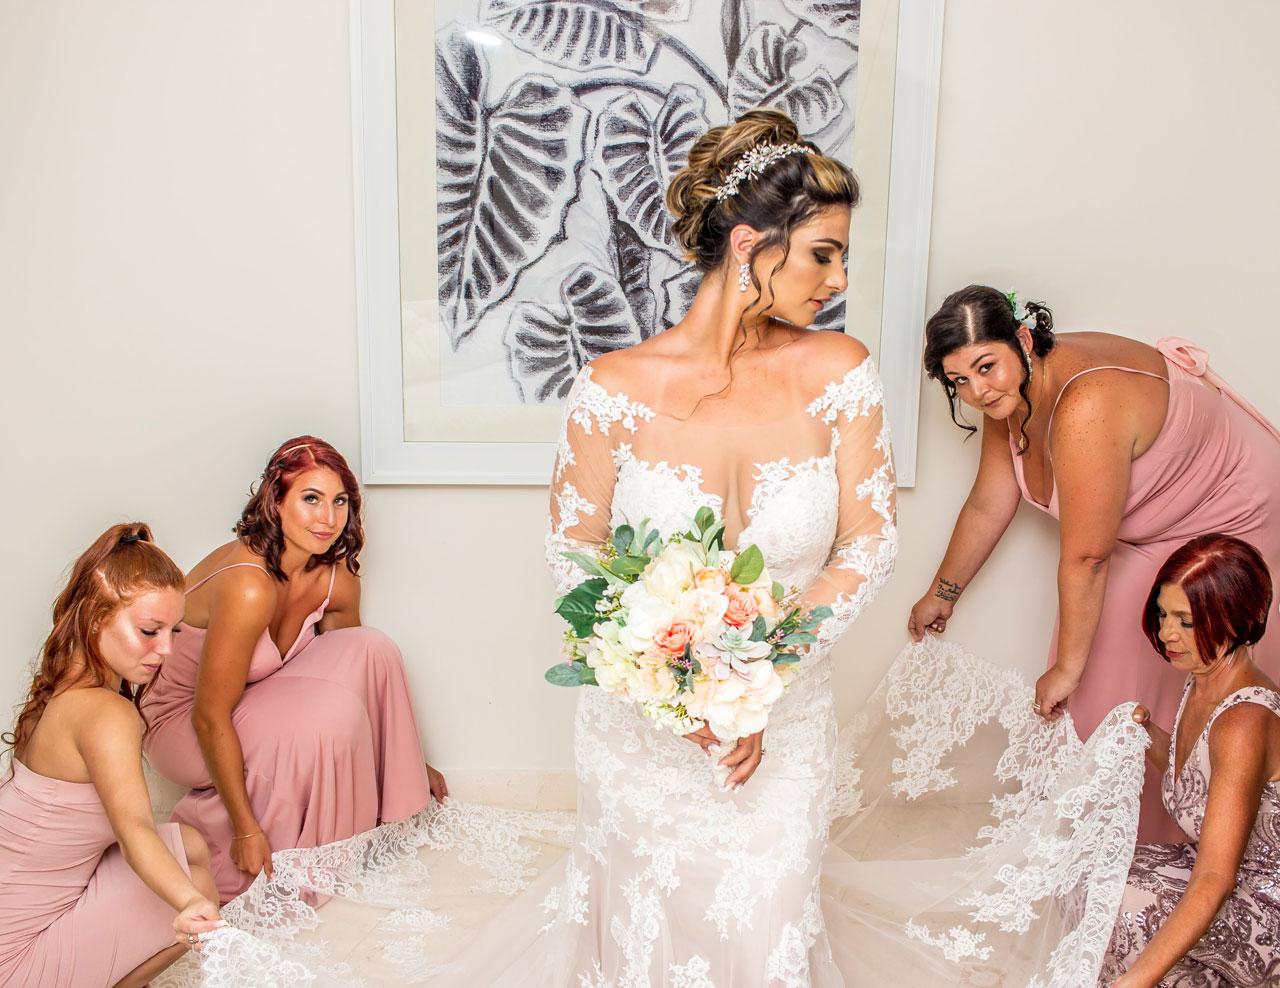 Jamaica Wedding Videography and Photogra